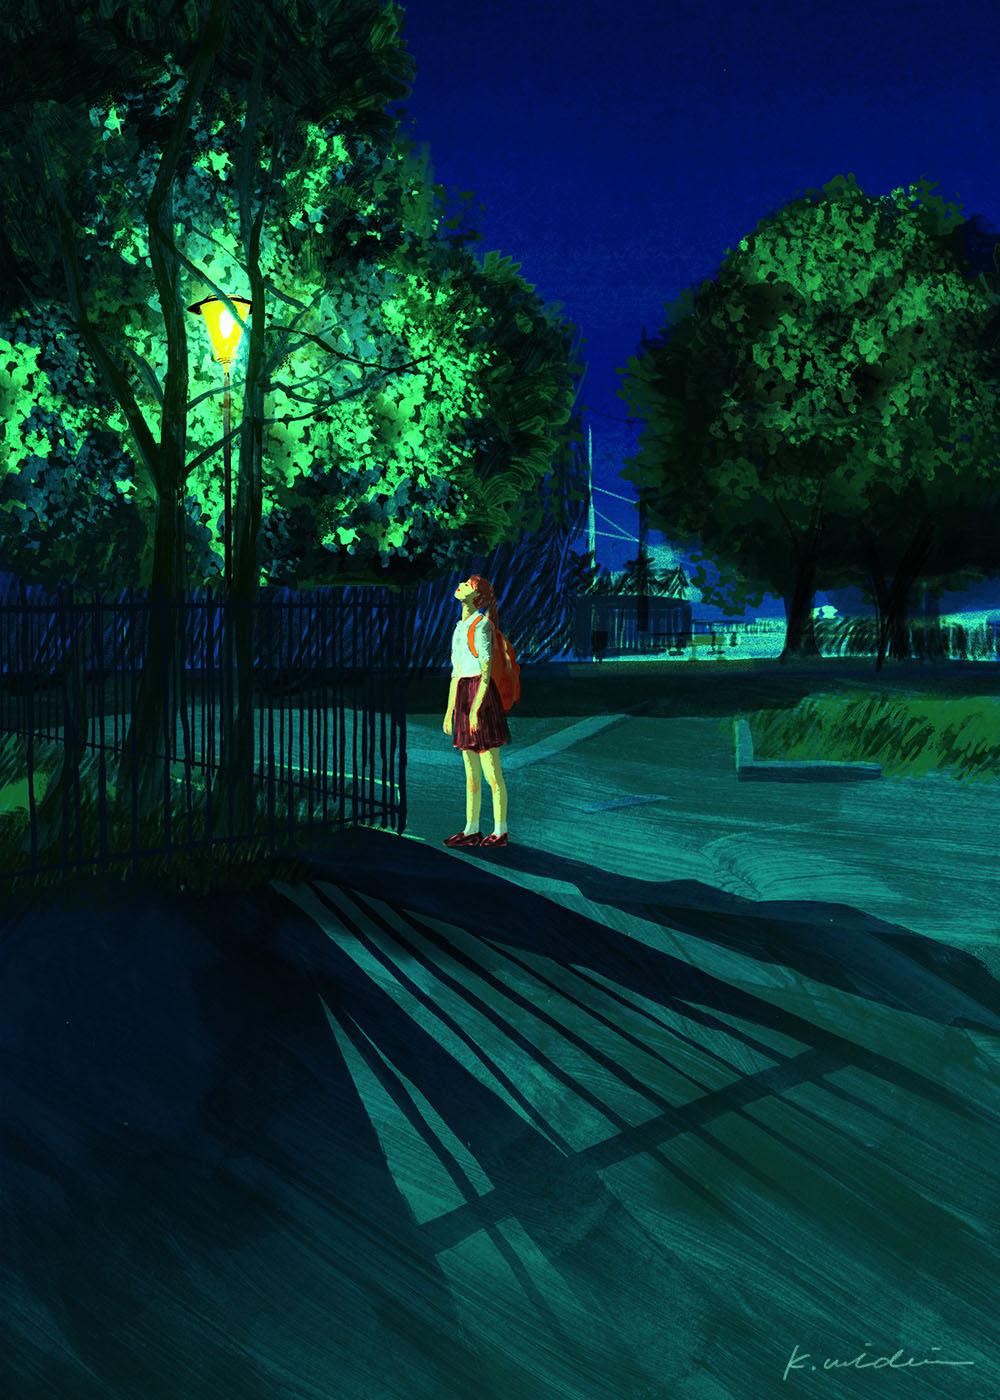 イラストレーション 人物 少女 木 ノスタルジック 夜